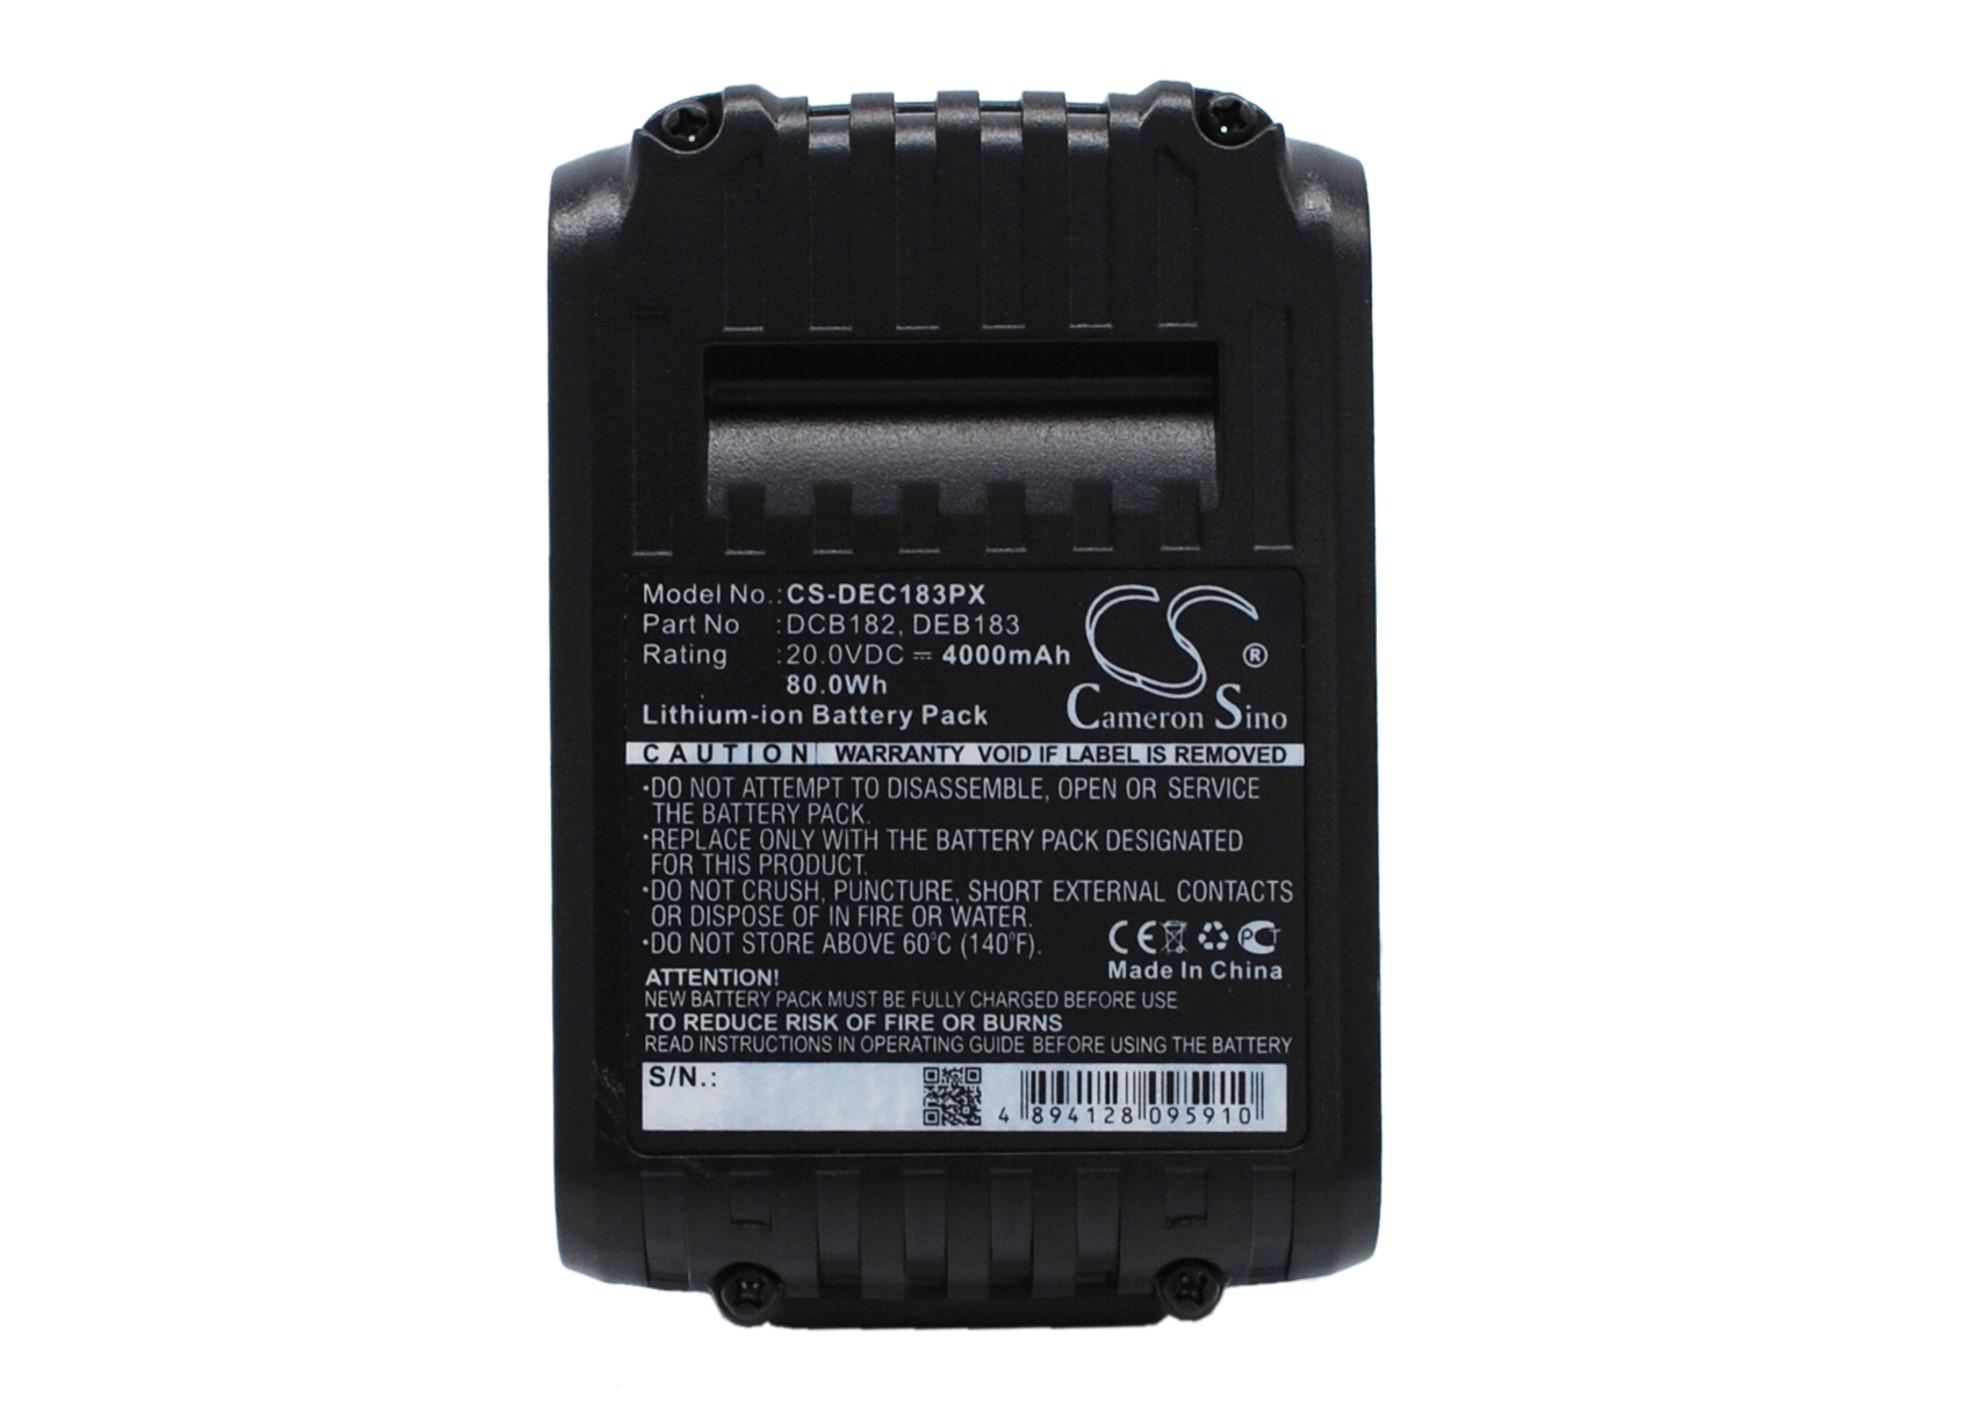 Cameron Sino baterie do nářadí pro DEWALT DCD780C2 20V Li-ion 4000mAh černá - neoriginální